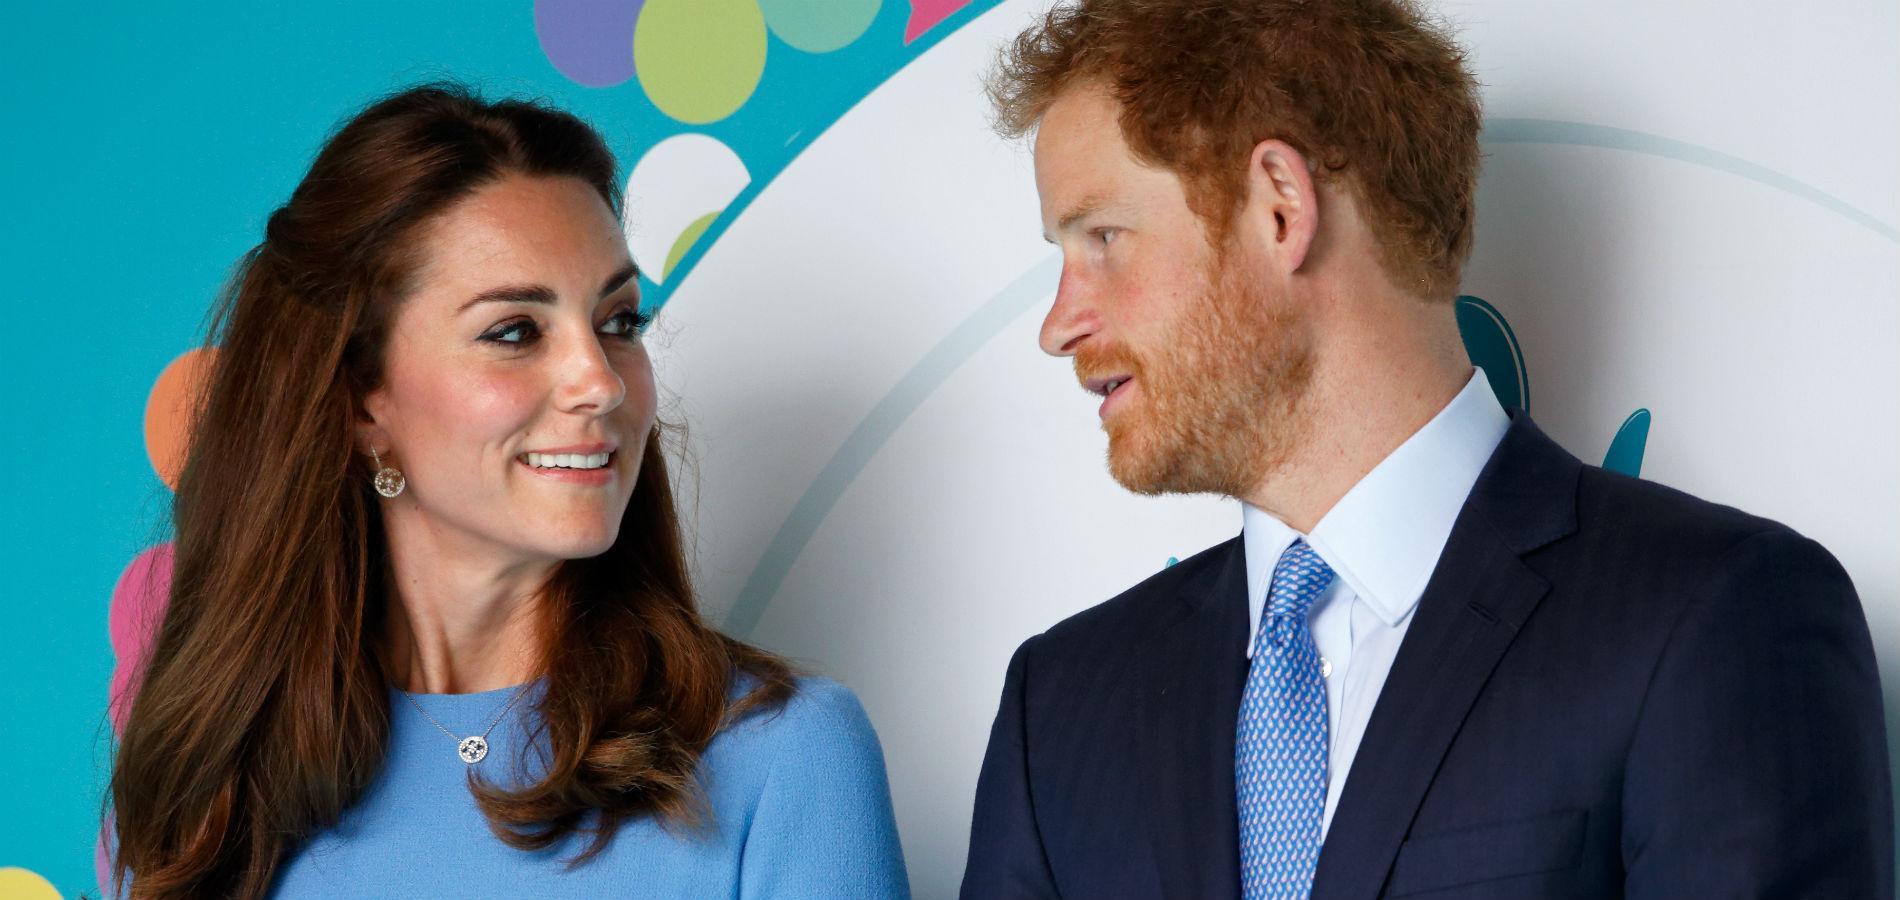 Kate Middleton aurait arrangé des rendez-vous galants pour le prince Harry